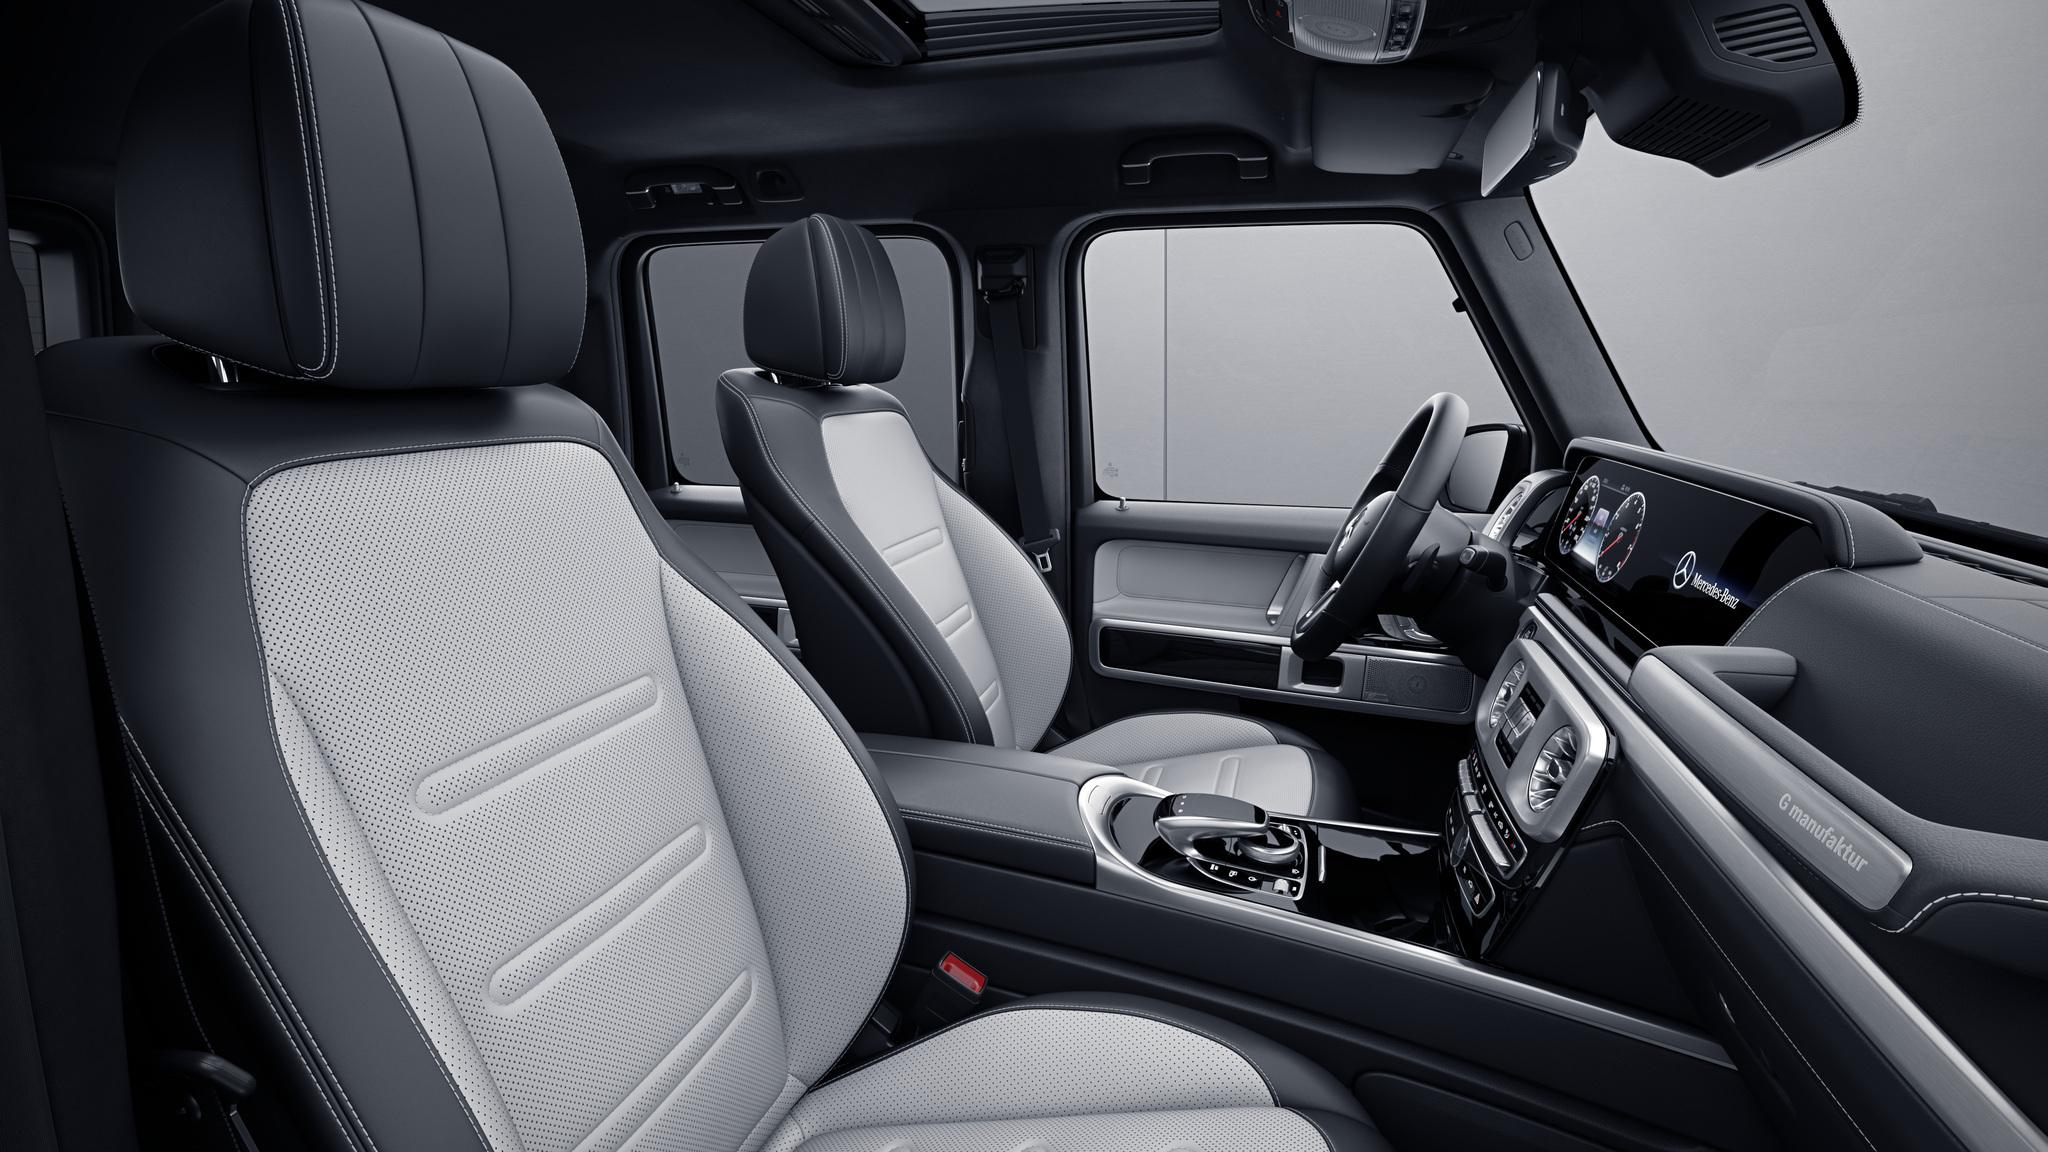 Habitacle de la Mercedes Classe G, Cuir Nappa bicolore G manufaktur - Blanc platine noir